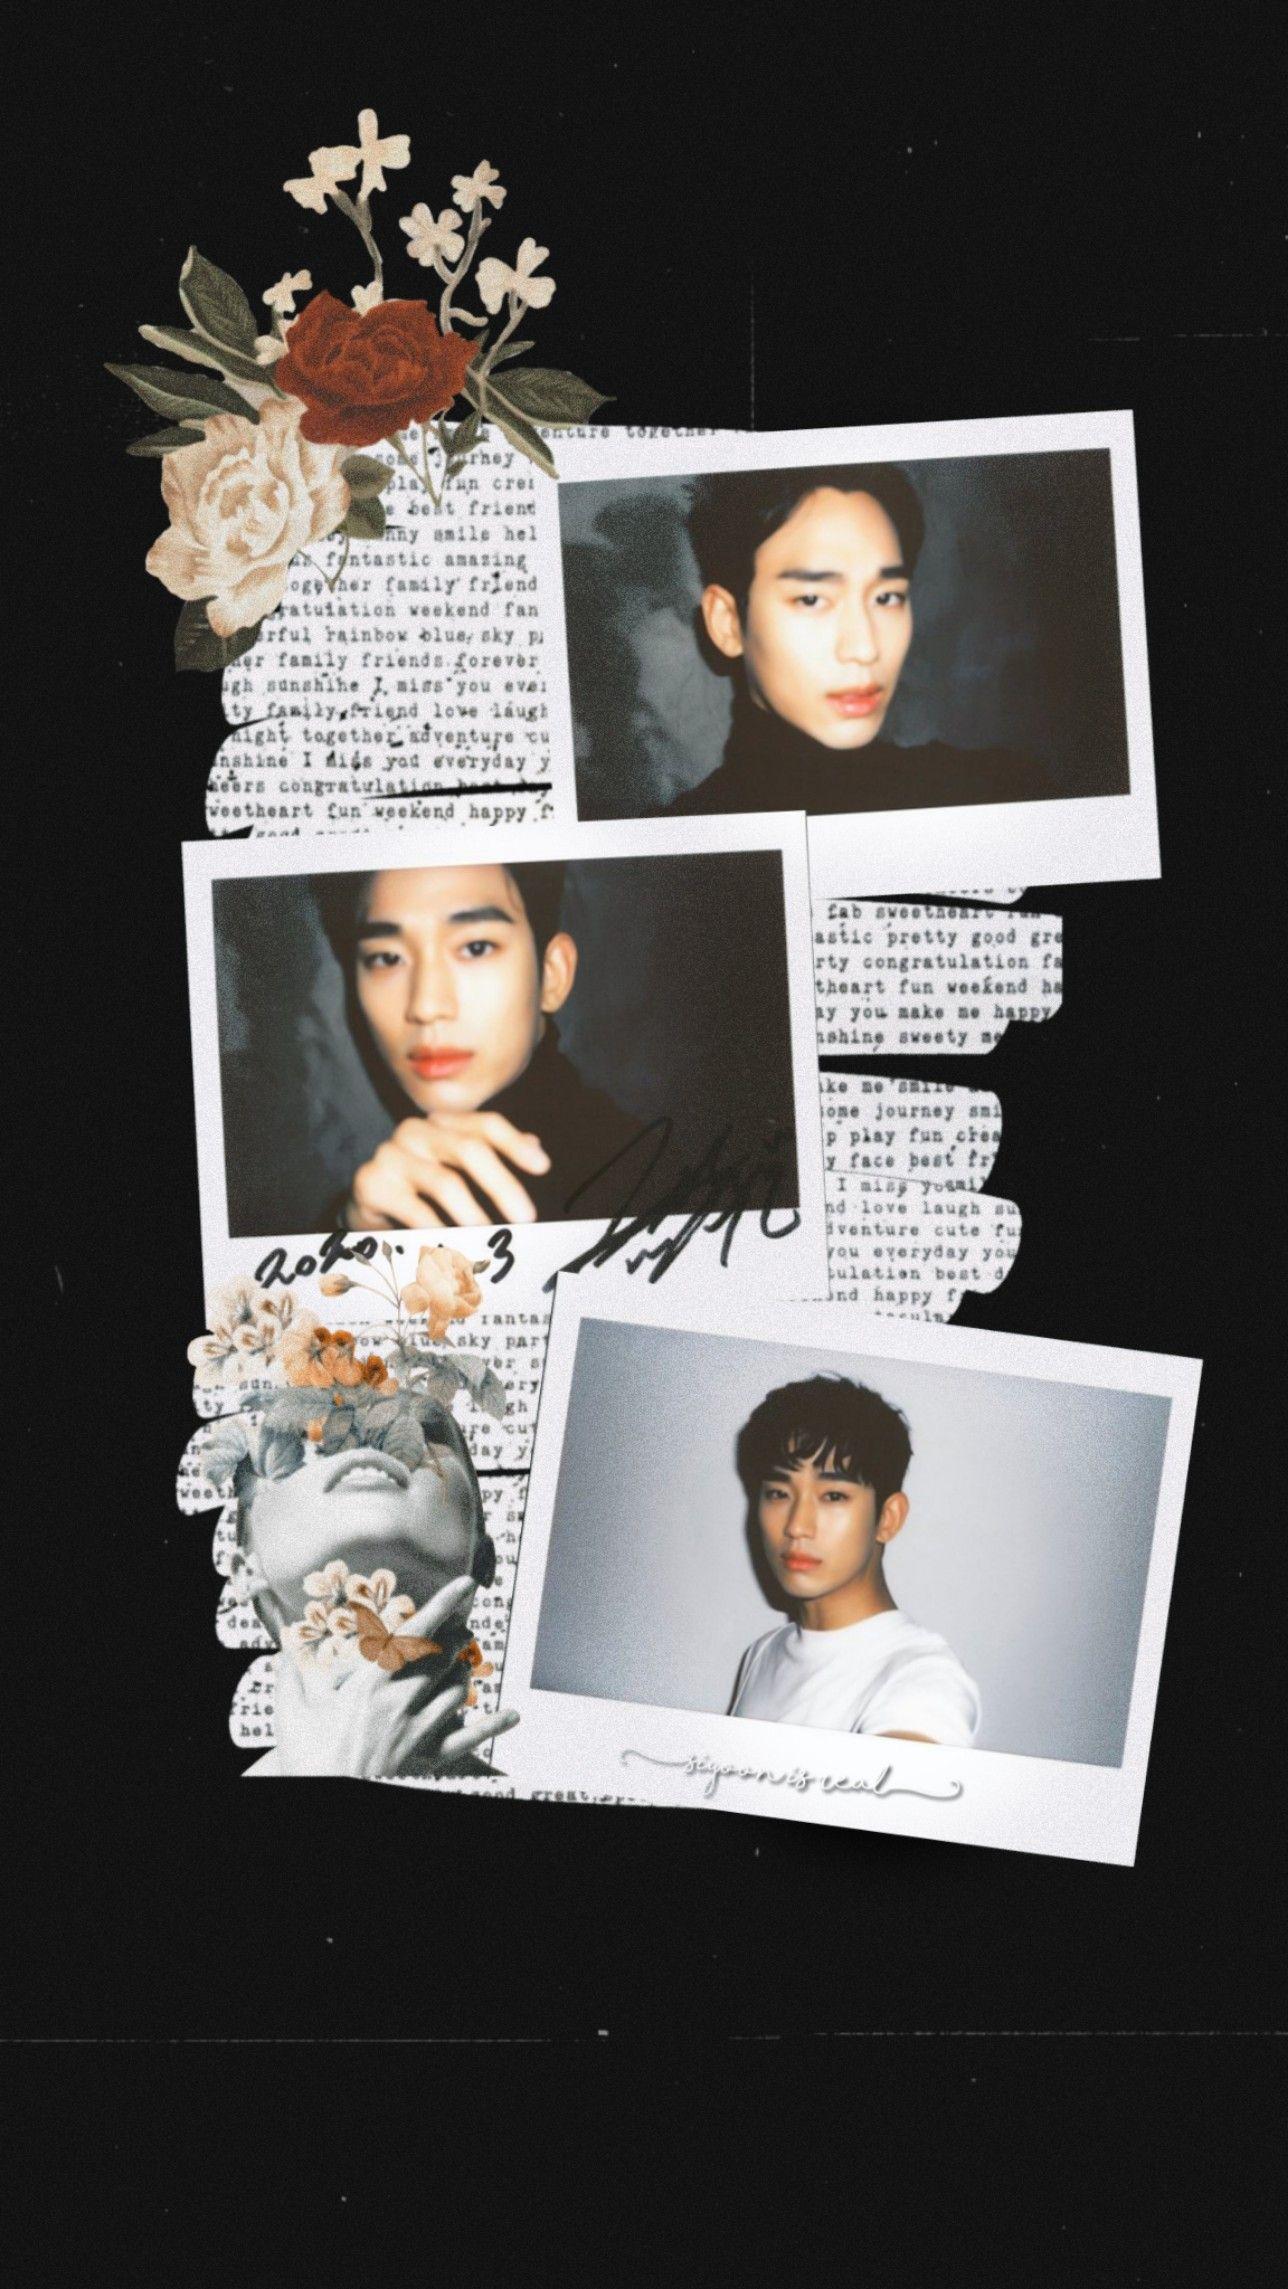 Wallpaper Aesthetic Kim Soo Hyun Kartu Artis Gambar